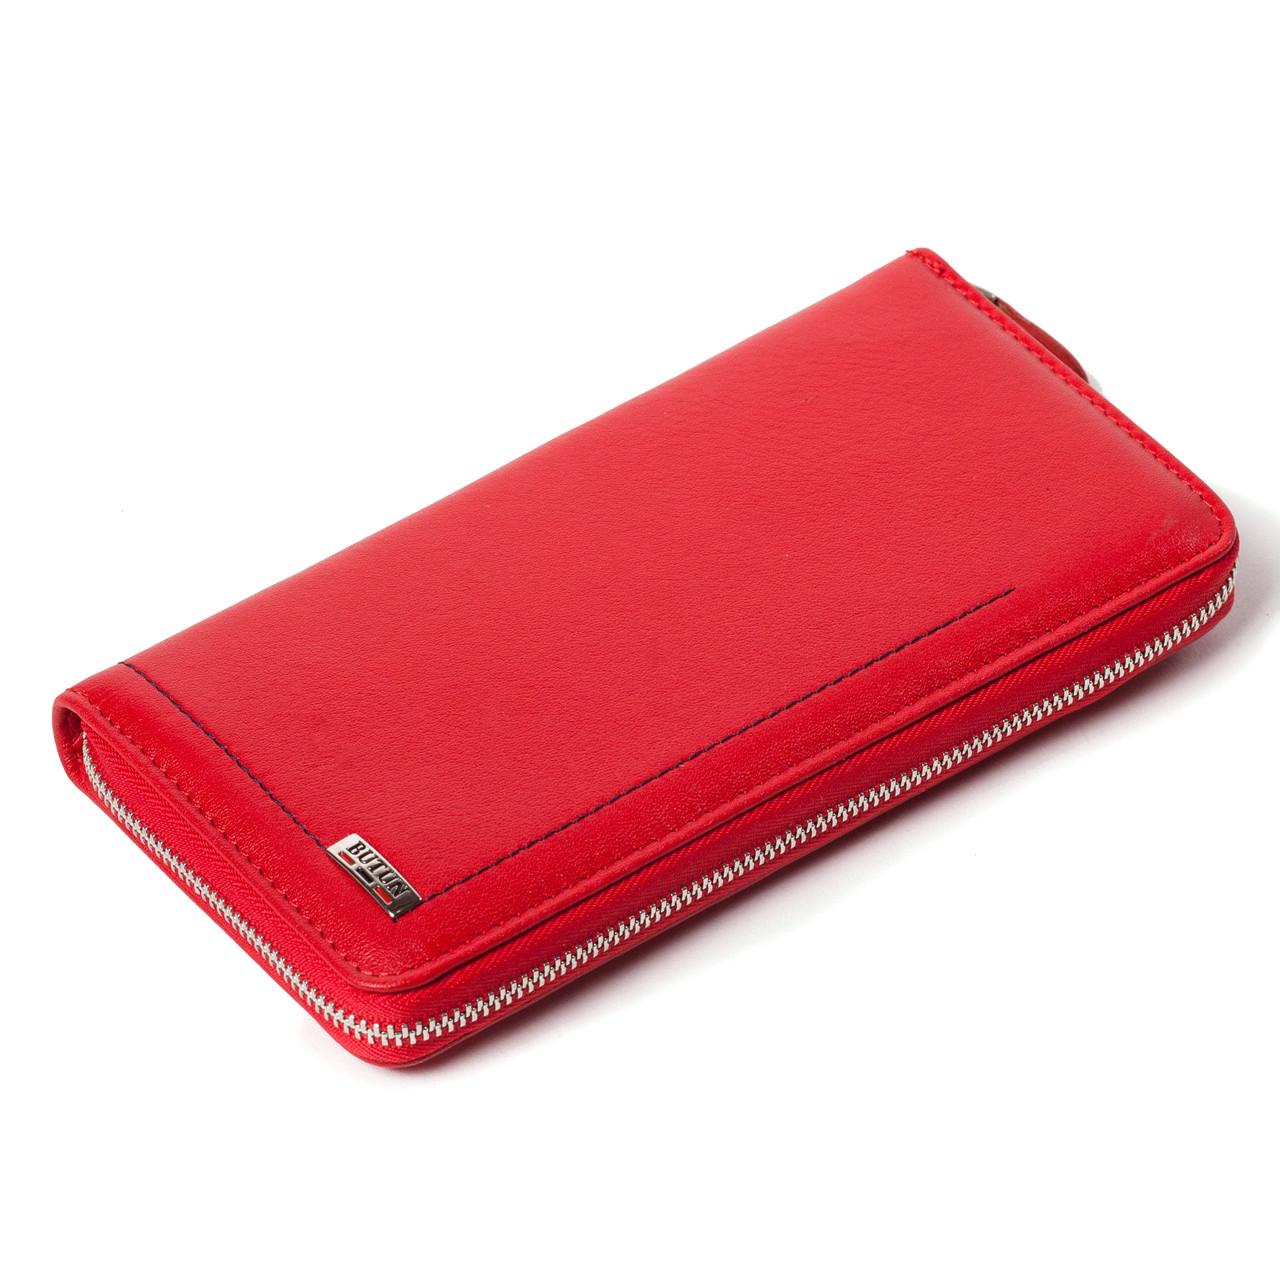 Женский кошелек чехол для телефона красный BUTUN 623-004-006